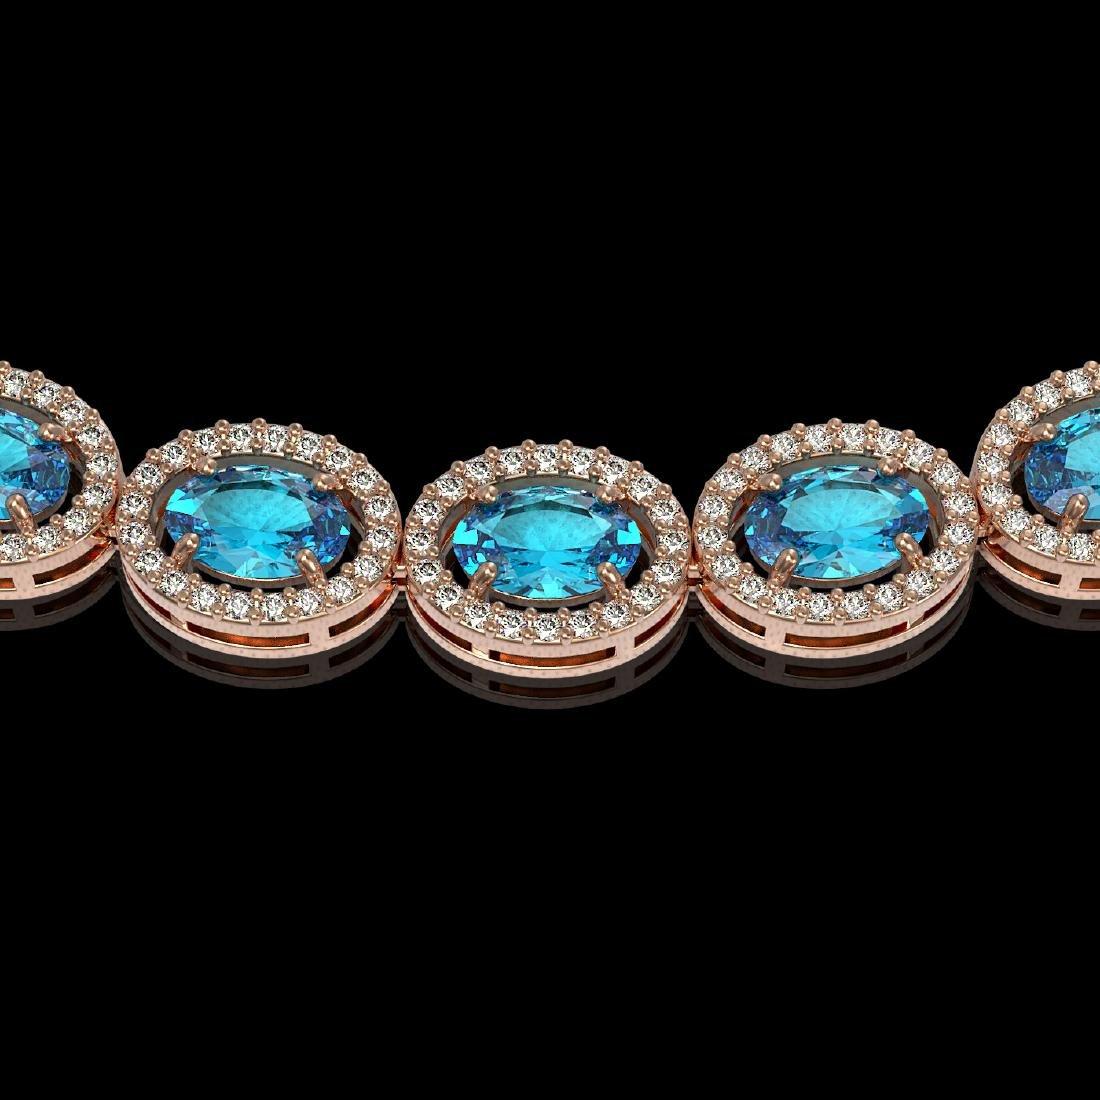 33.25 CTW Swiss Topaz & Diamond Halo Necklace 10K Rose - 3